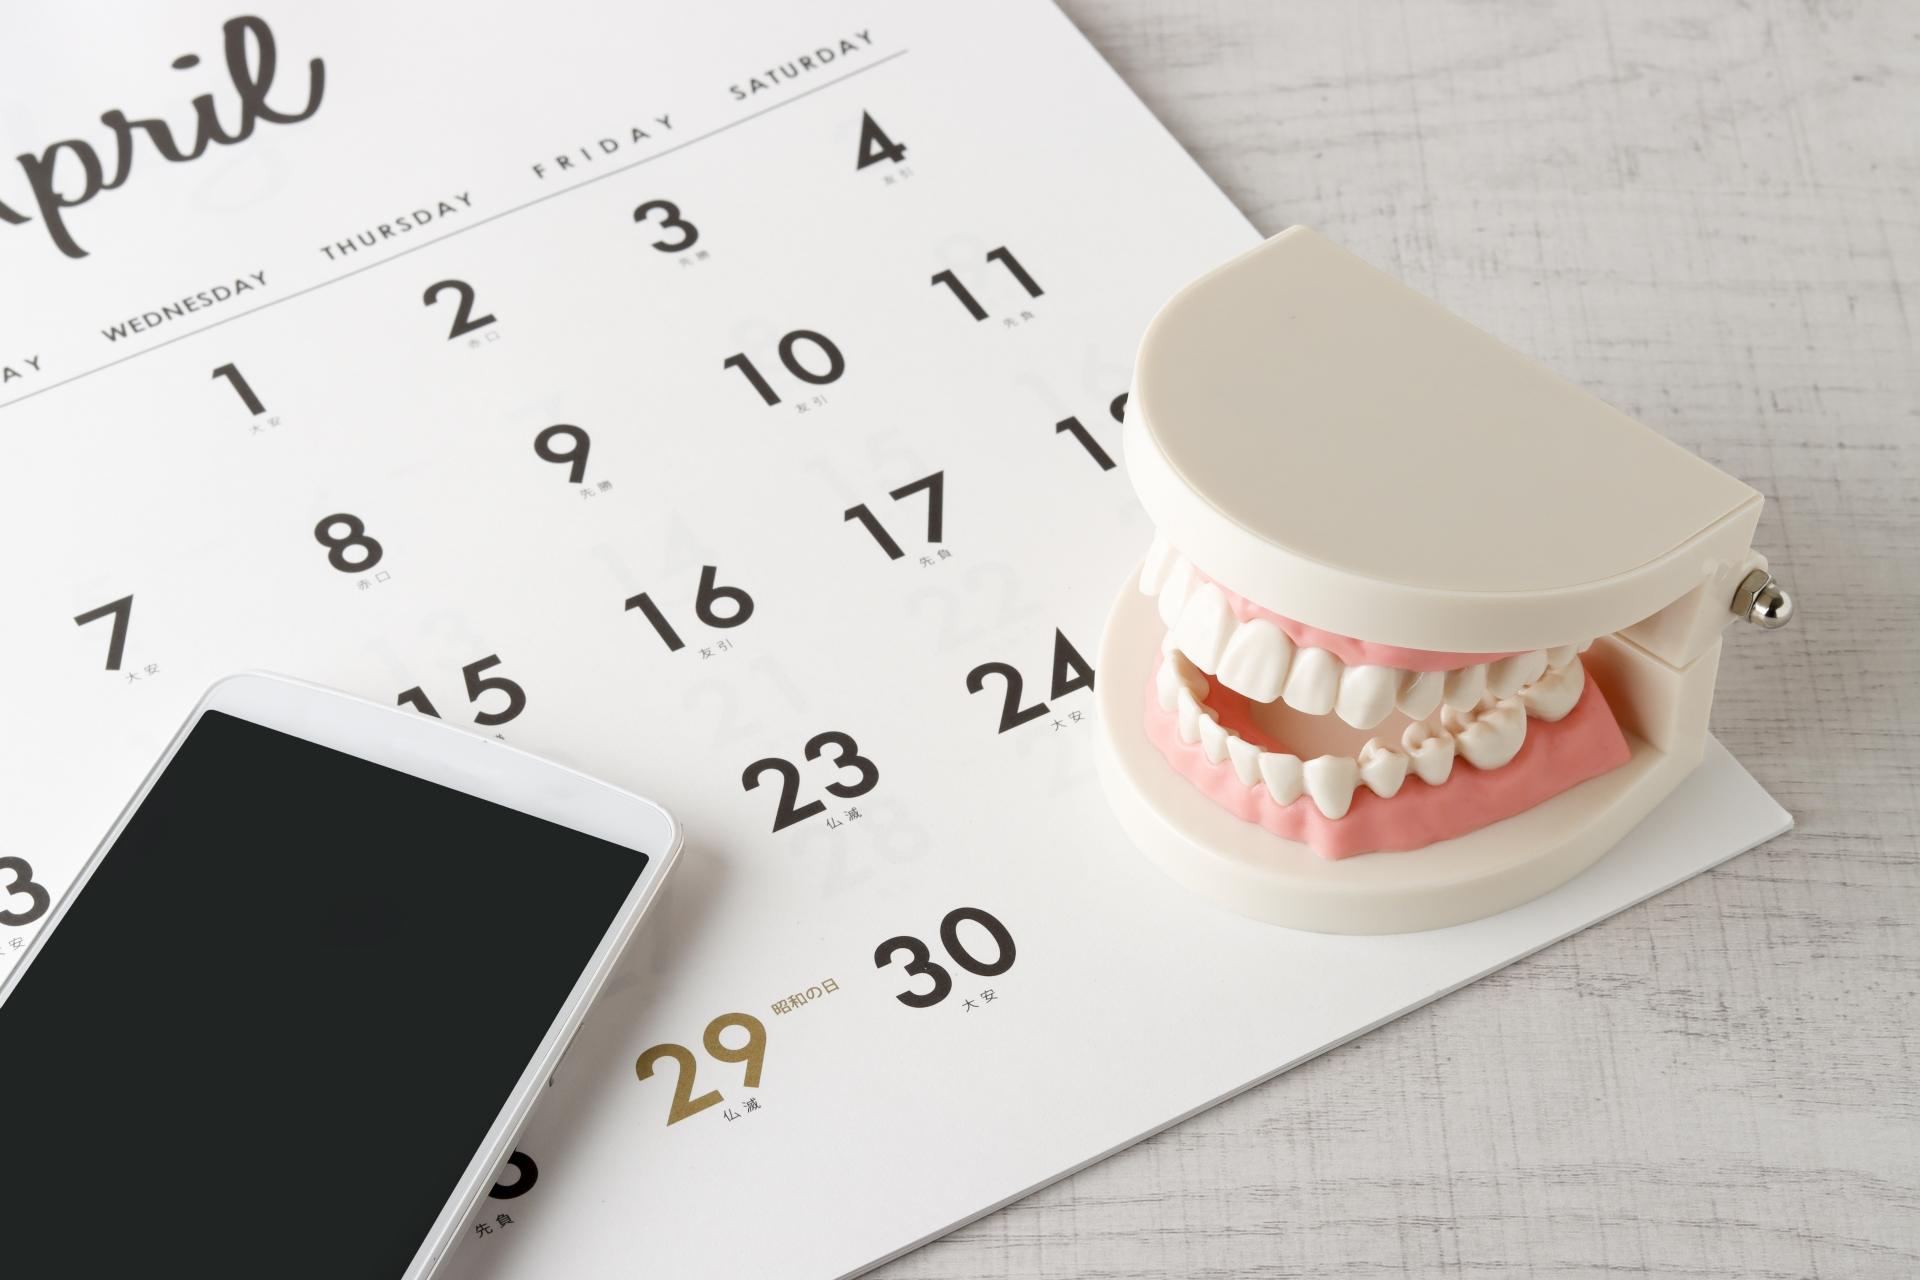 インプラントする場合の抜歯をする時期は?